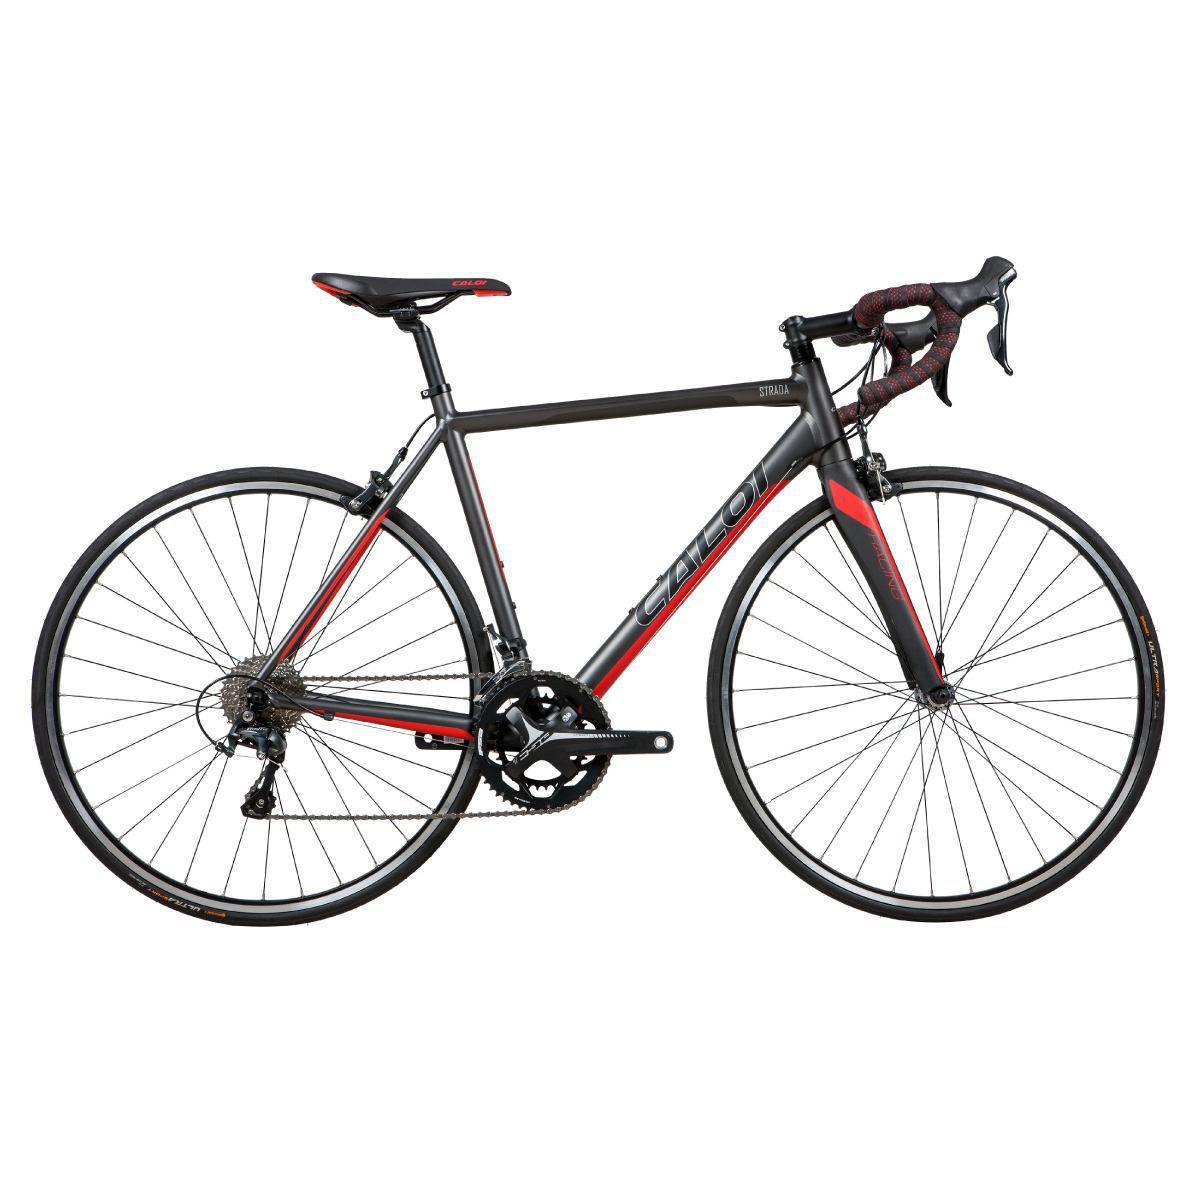 Bicicleta Caloi Strada Racing 2020 Shimano Tiagra 20v 700